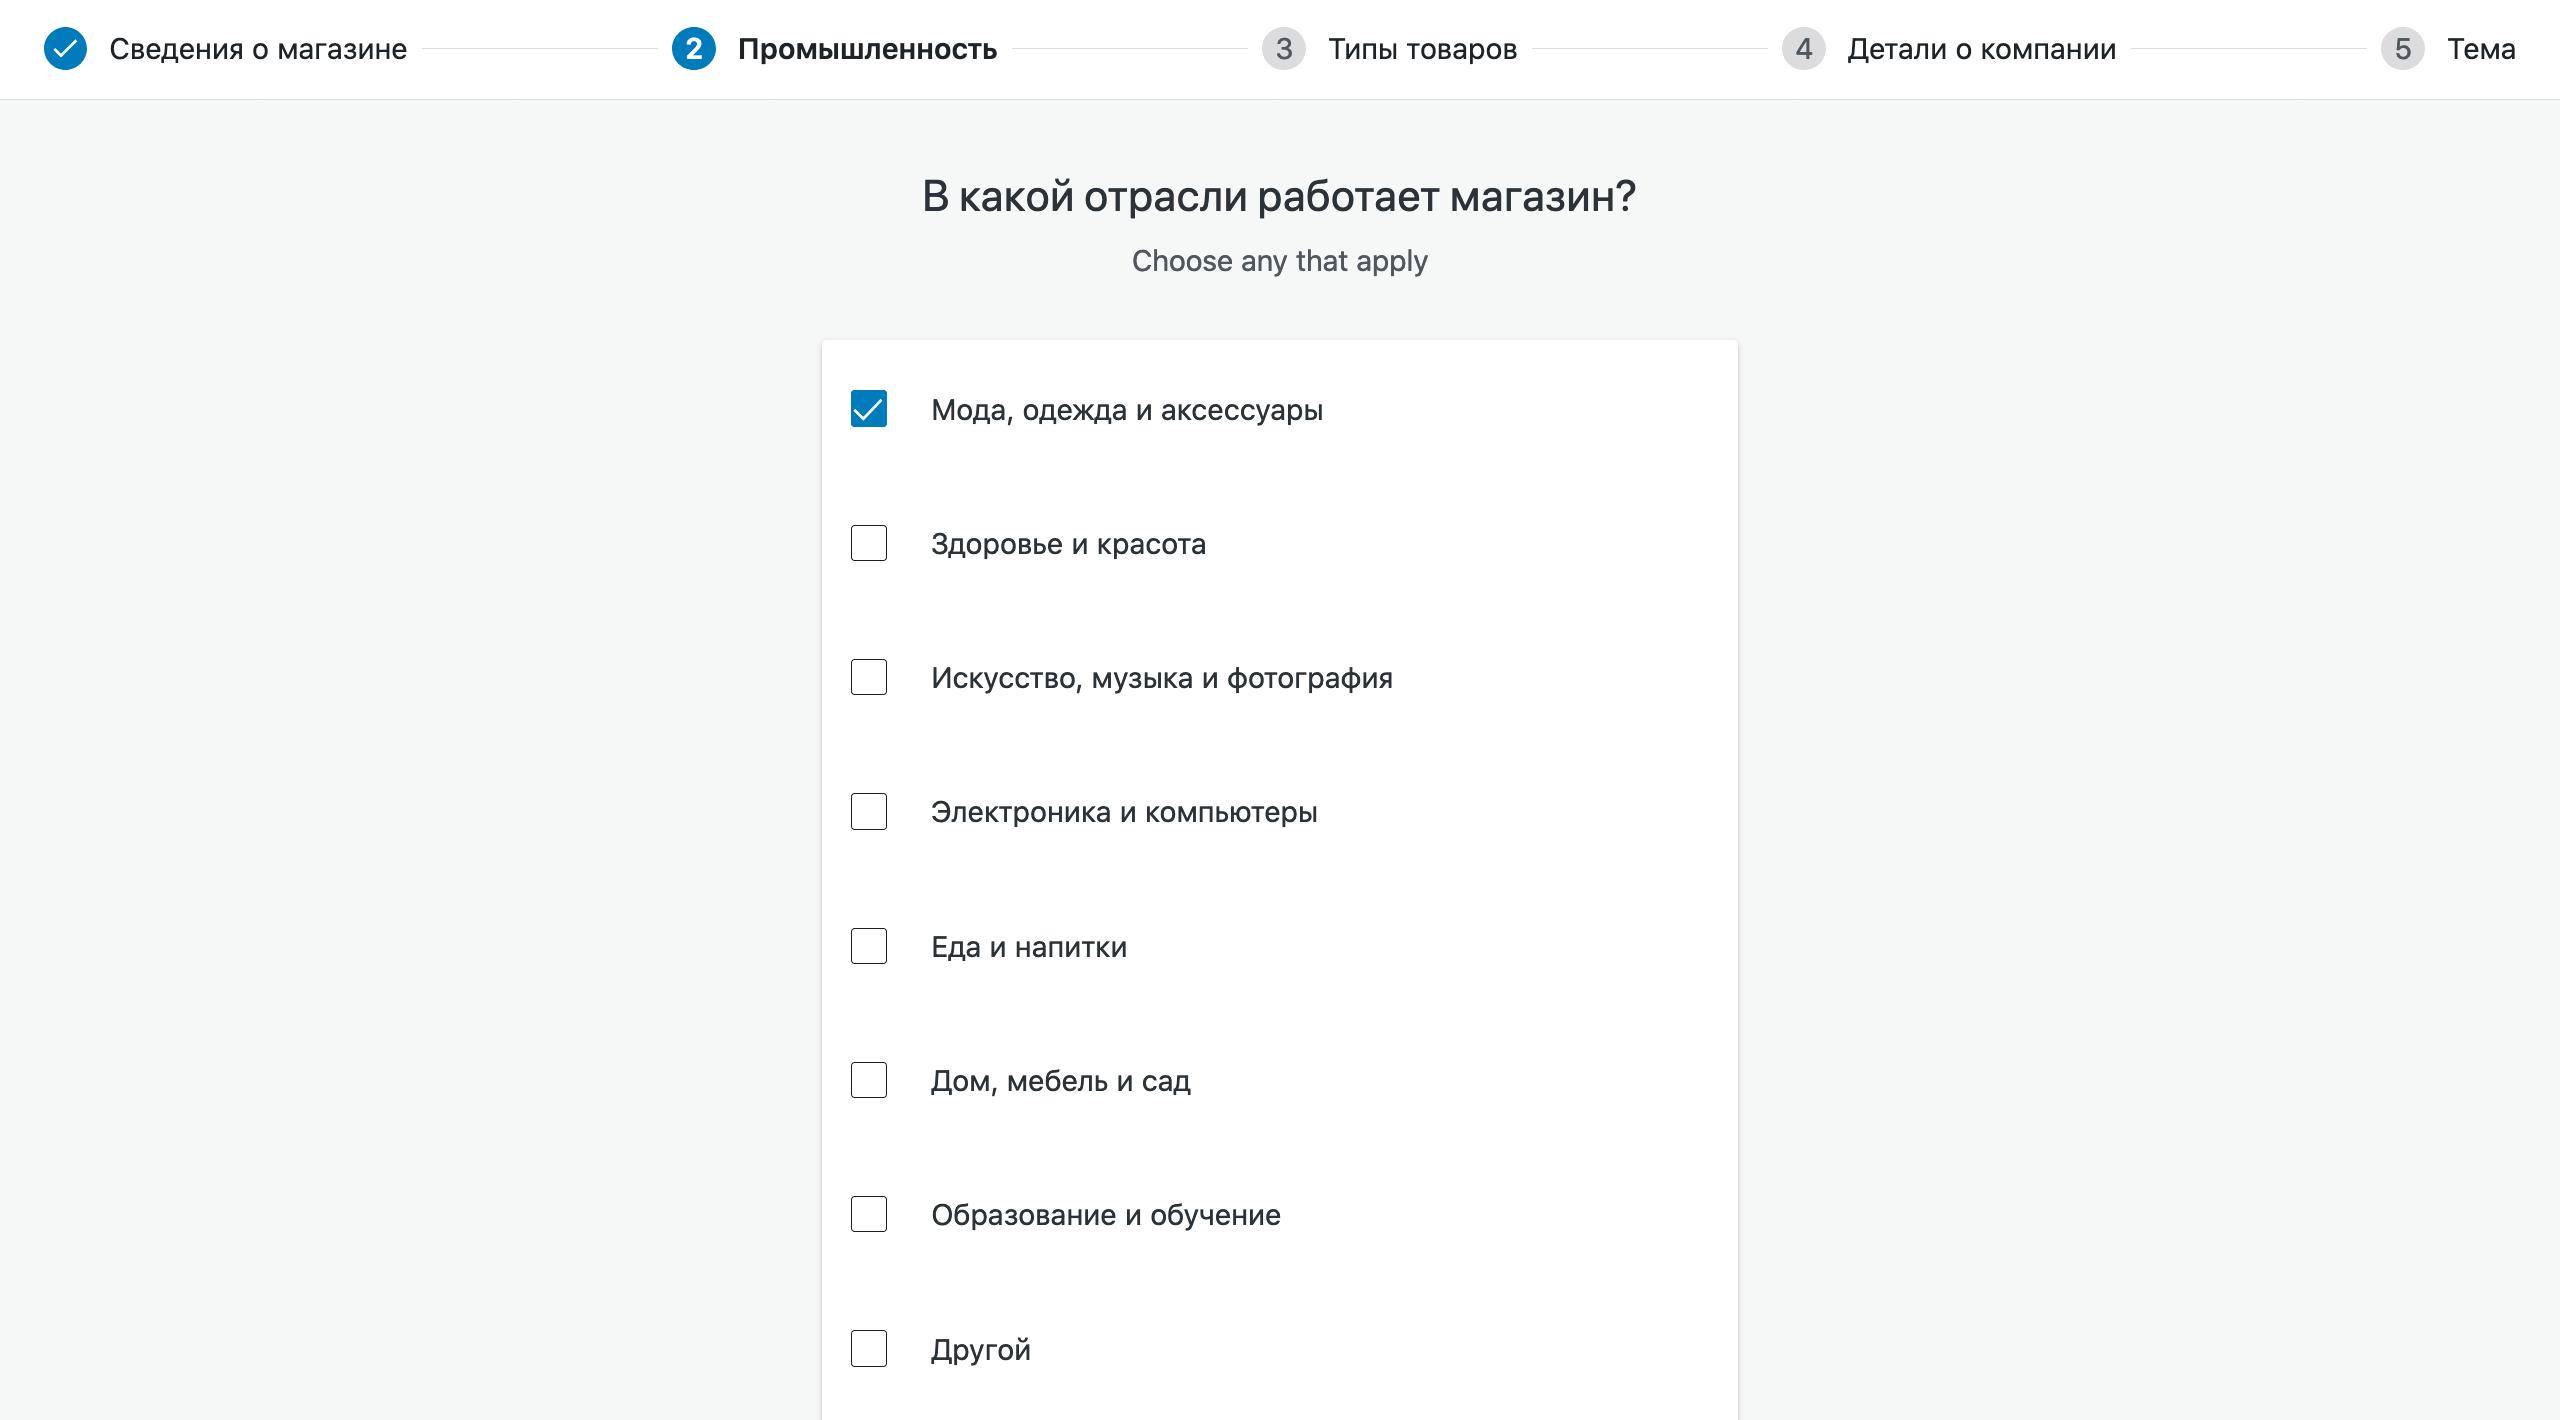 Настройка WooCommerce: в какой области работает магазин?